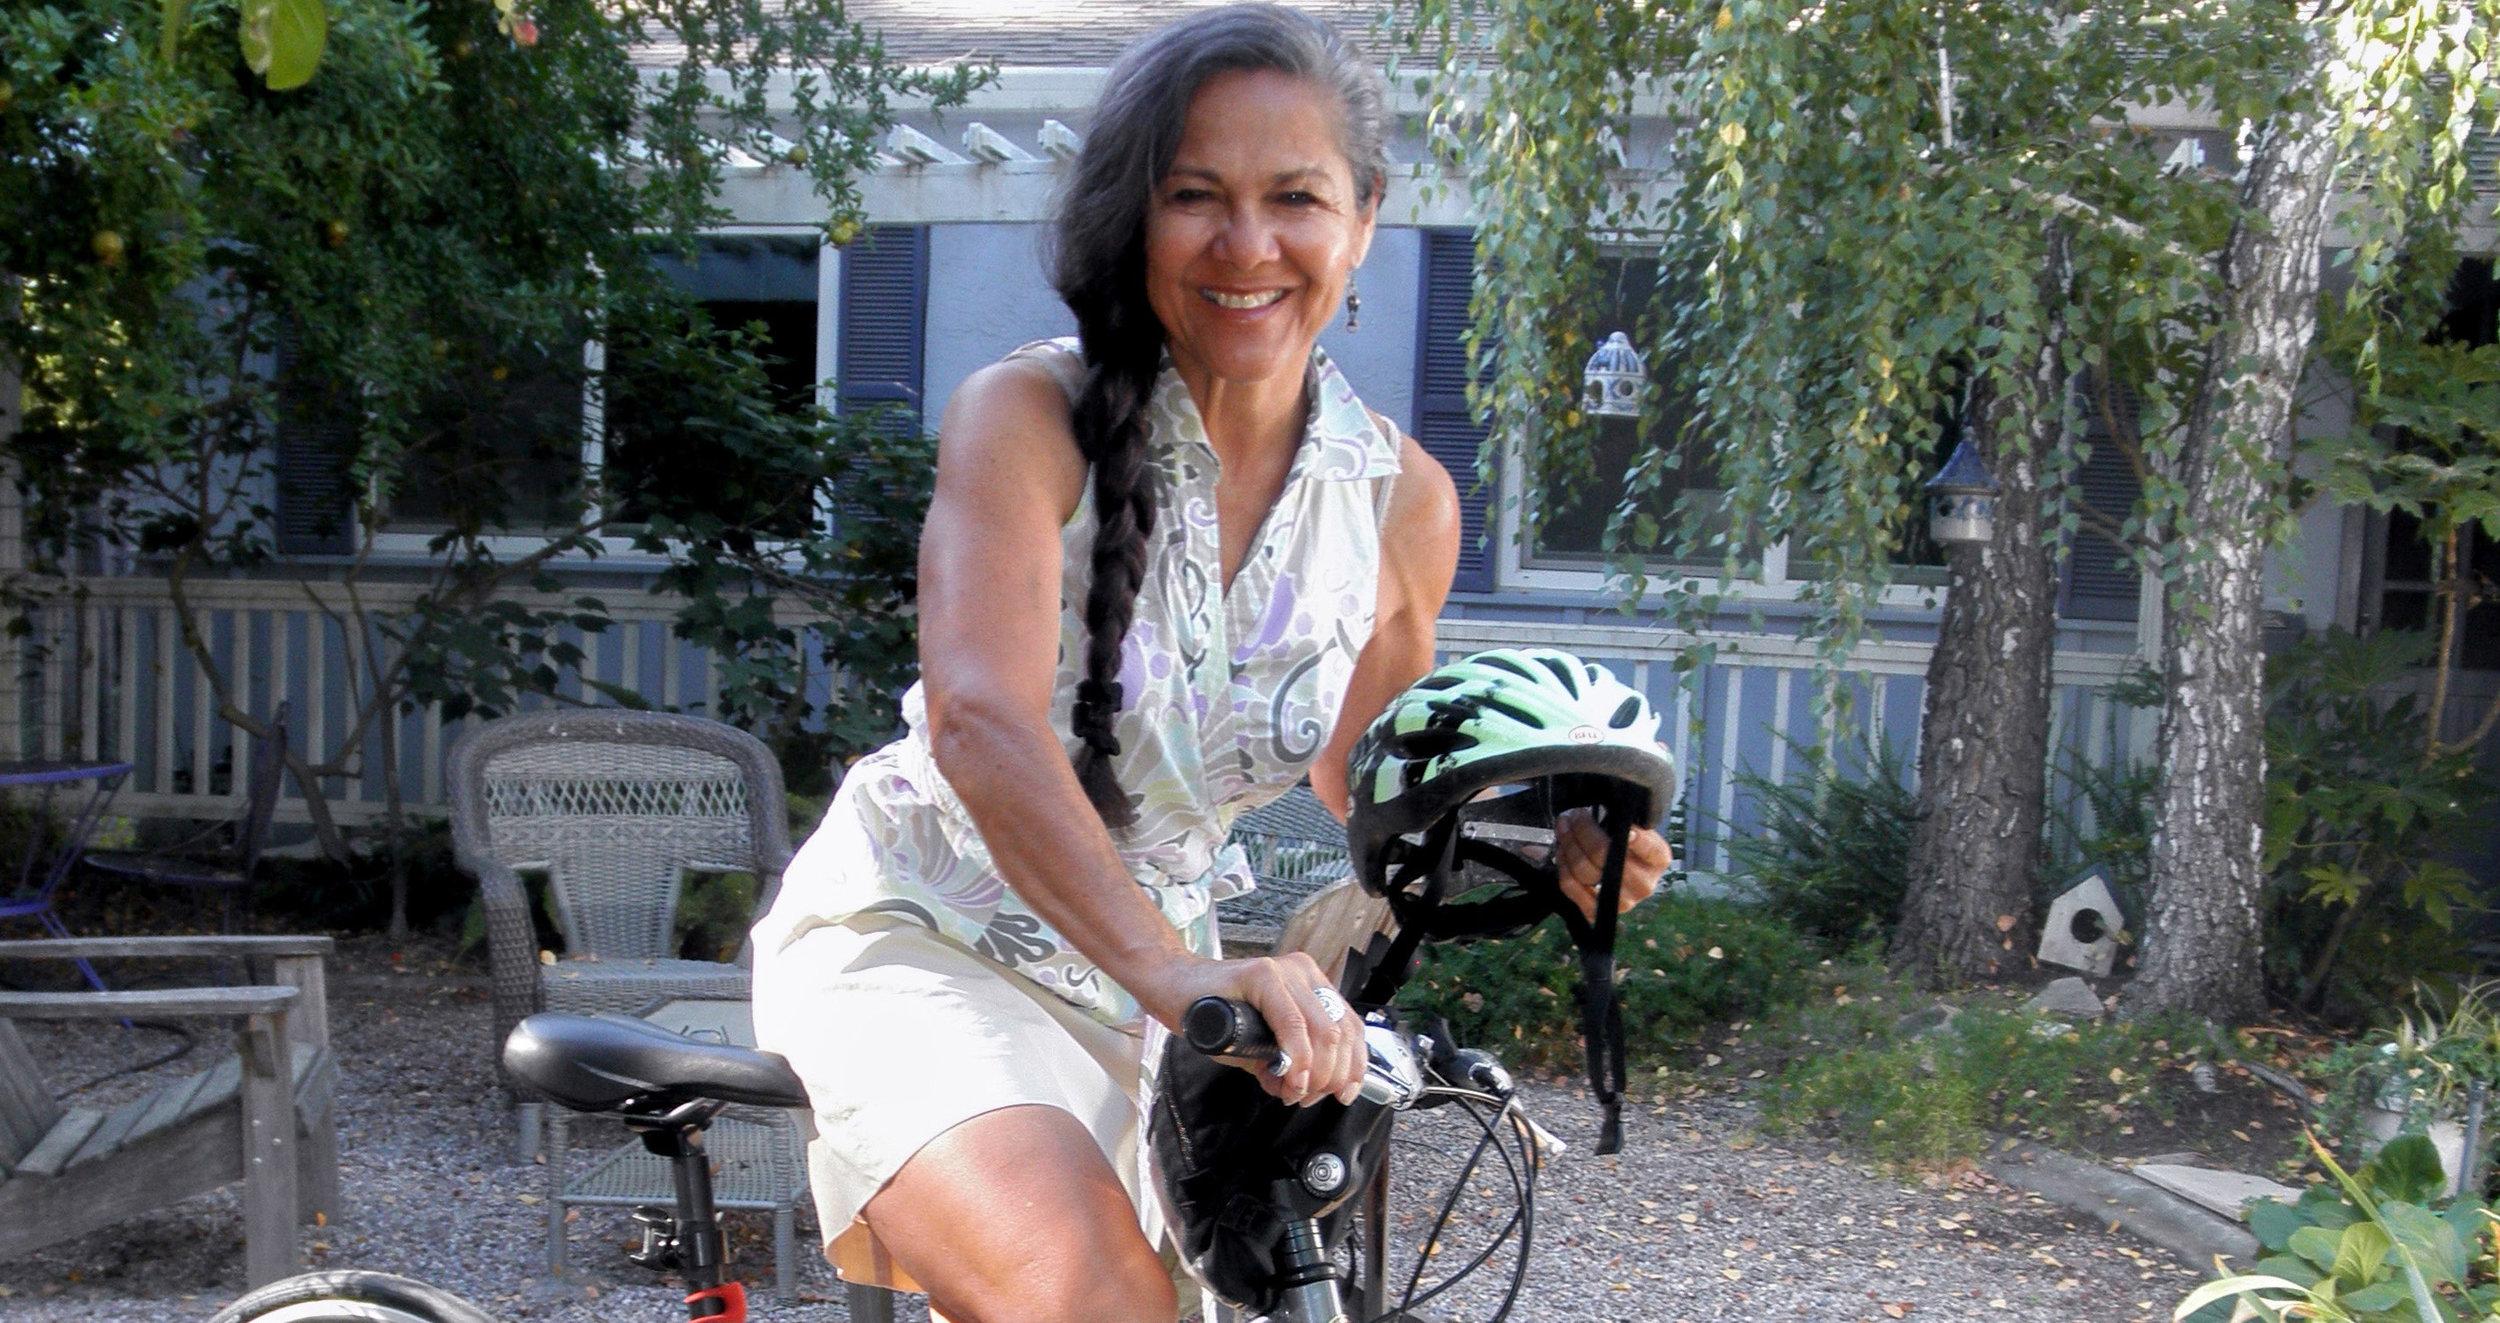 Maria Contreras Tebbutt & The Bike Campaign